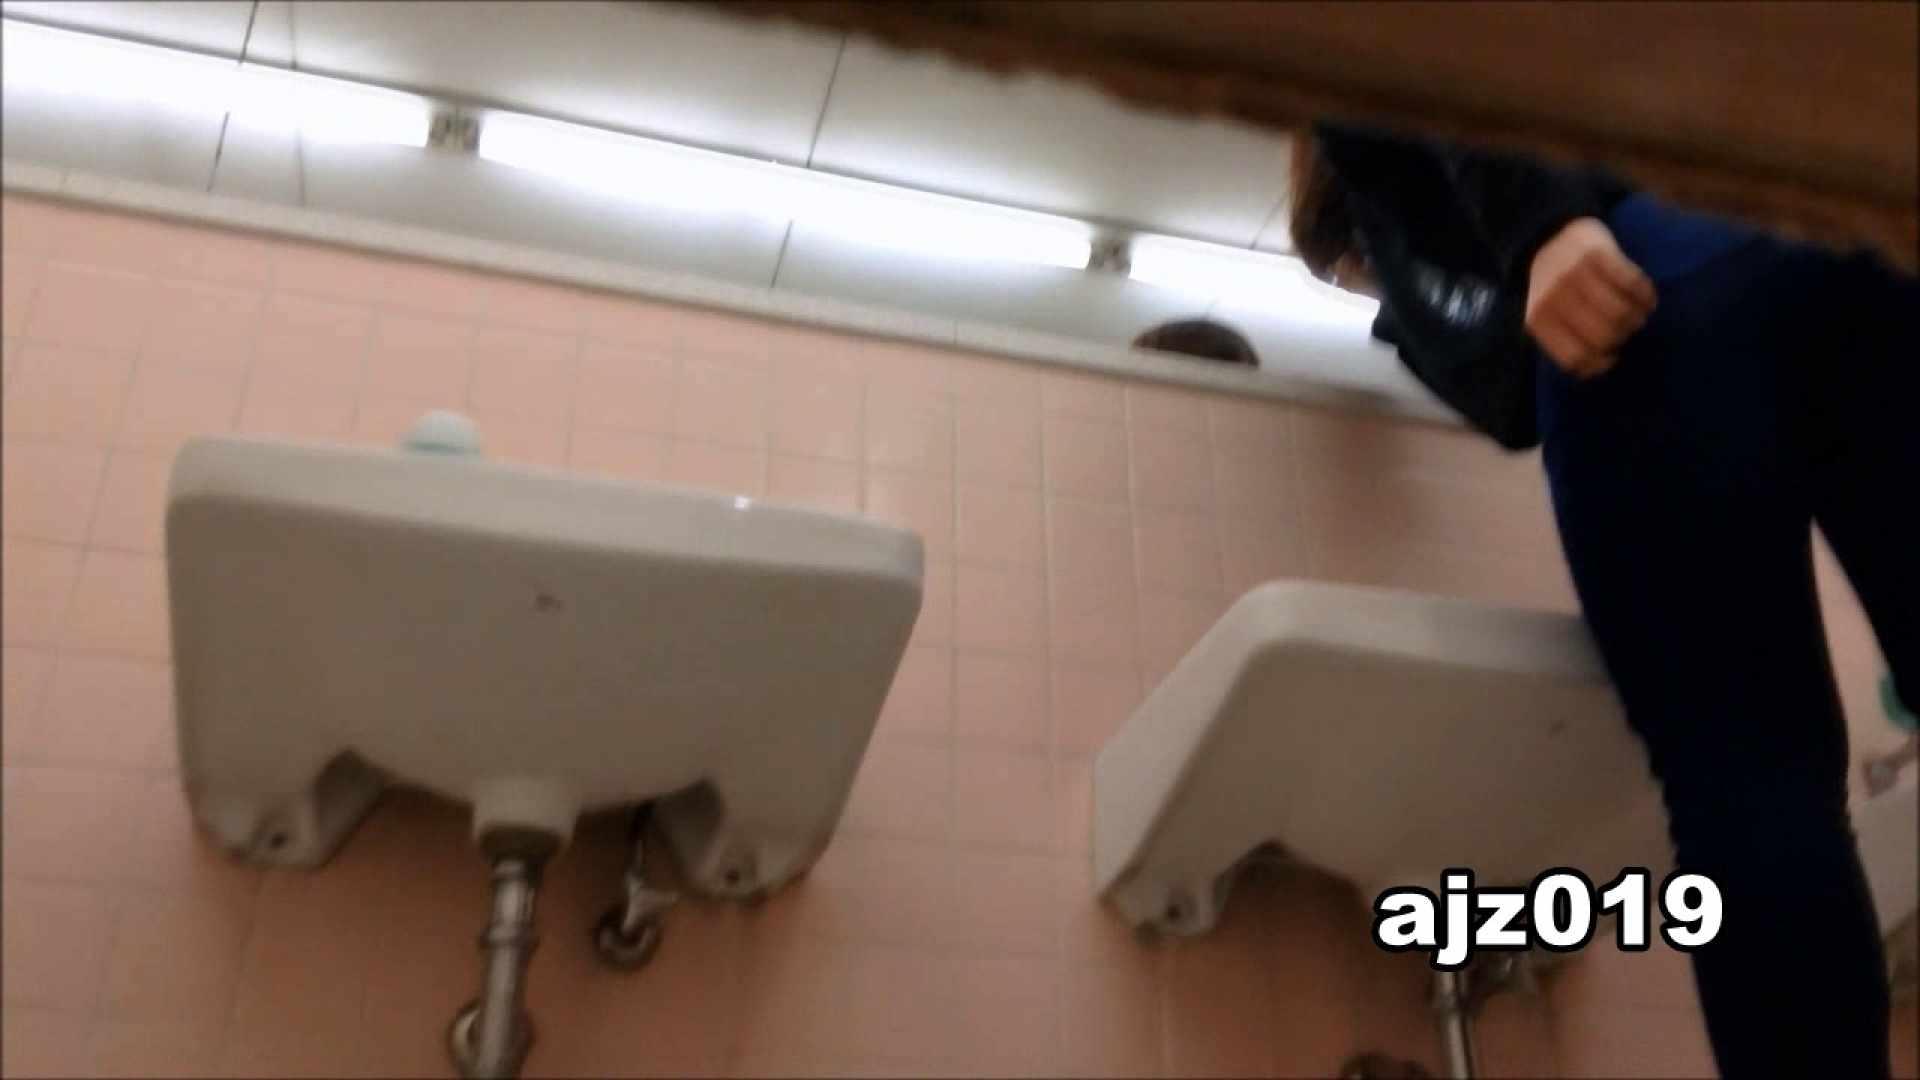 某有名大学女性洗面所 vol.19 潜入 性交動画流出 10pic 7